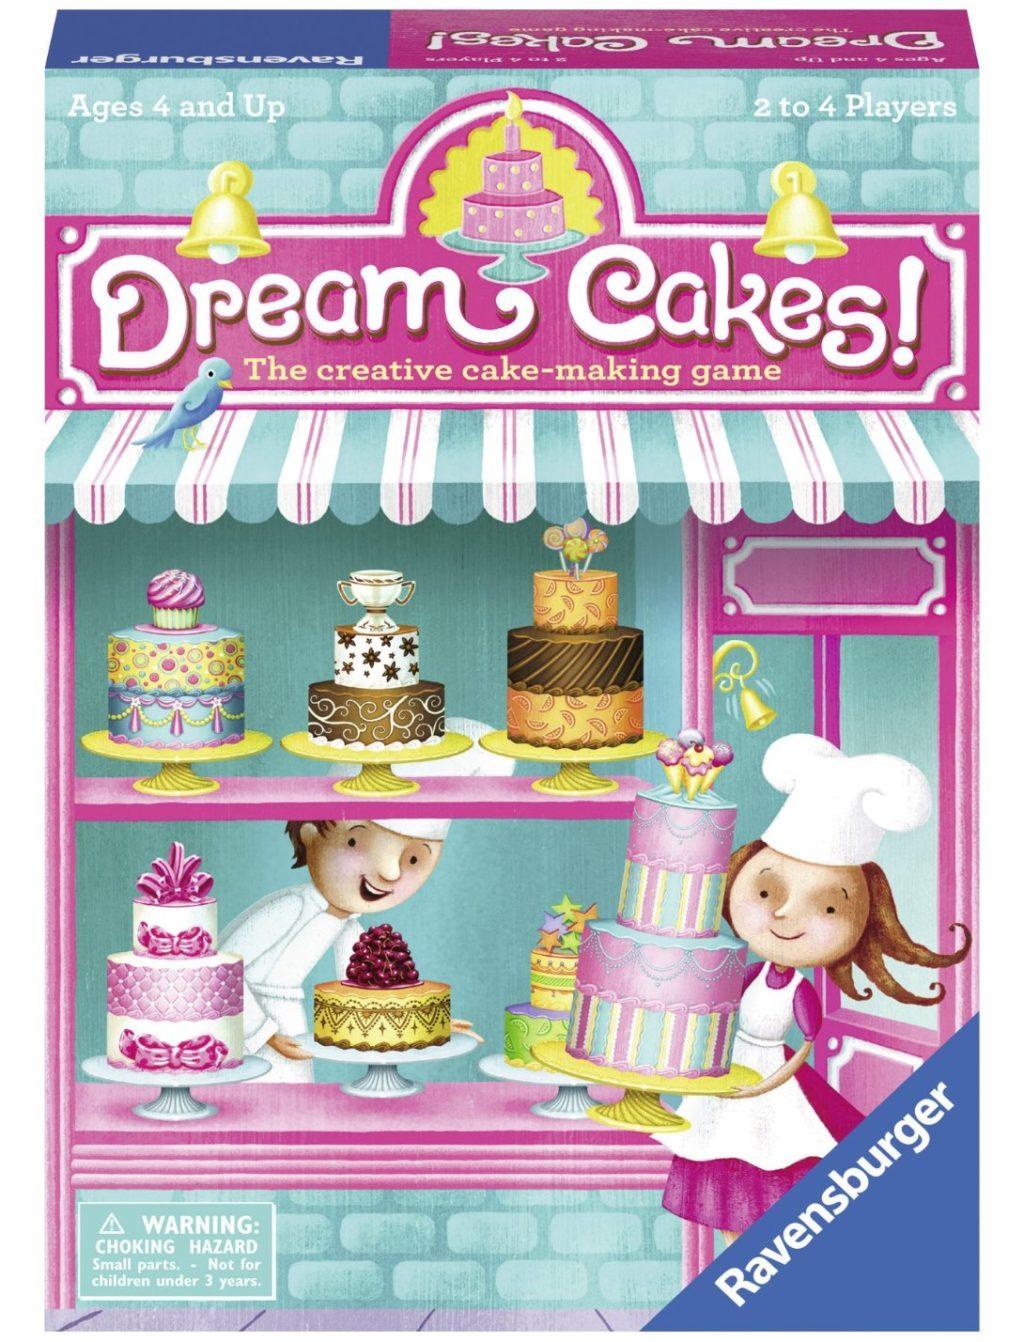 Ravensburger Dream Cakes – Baking Games